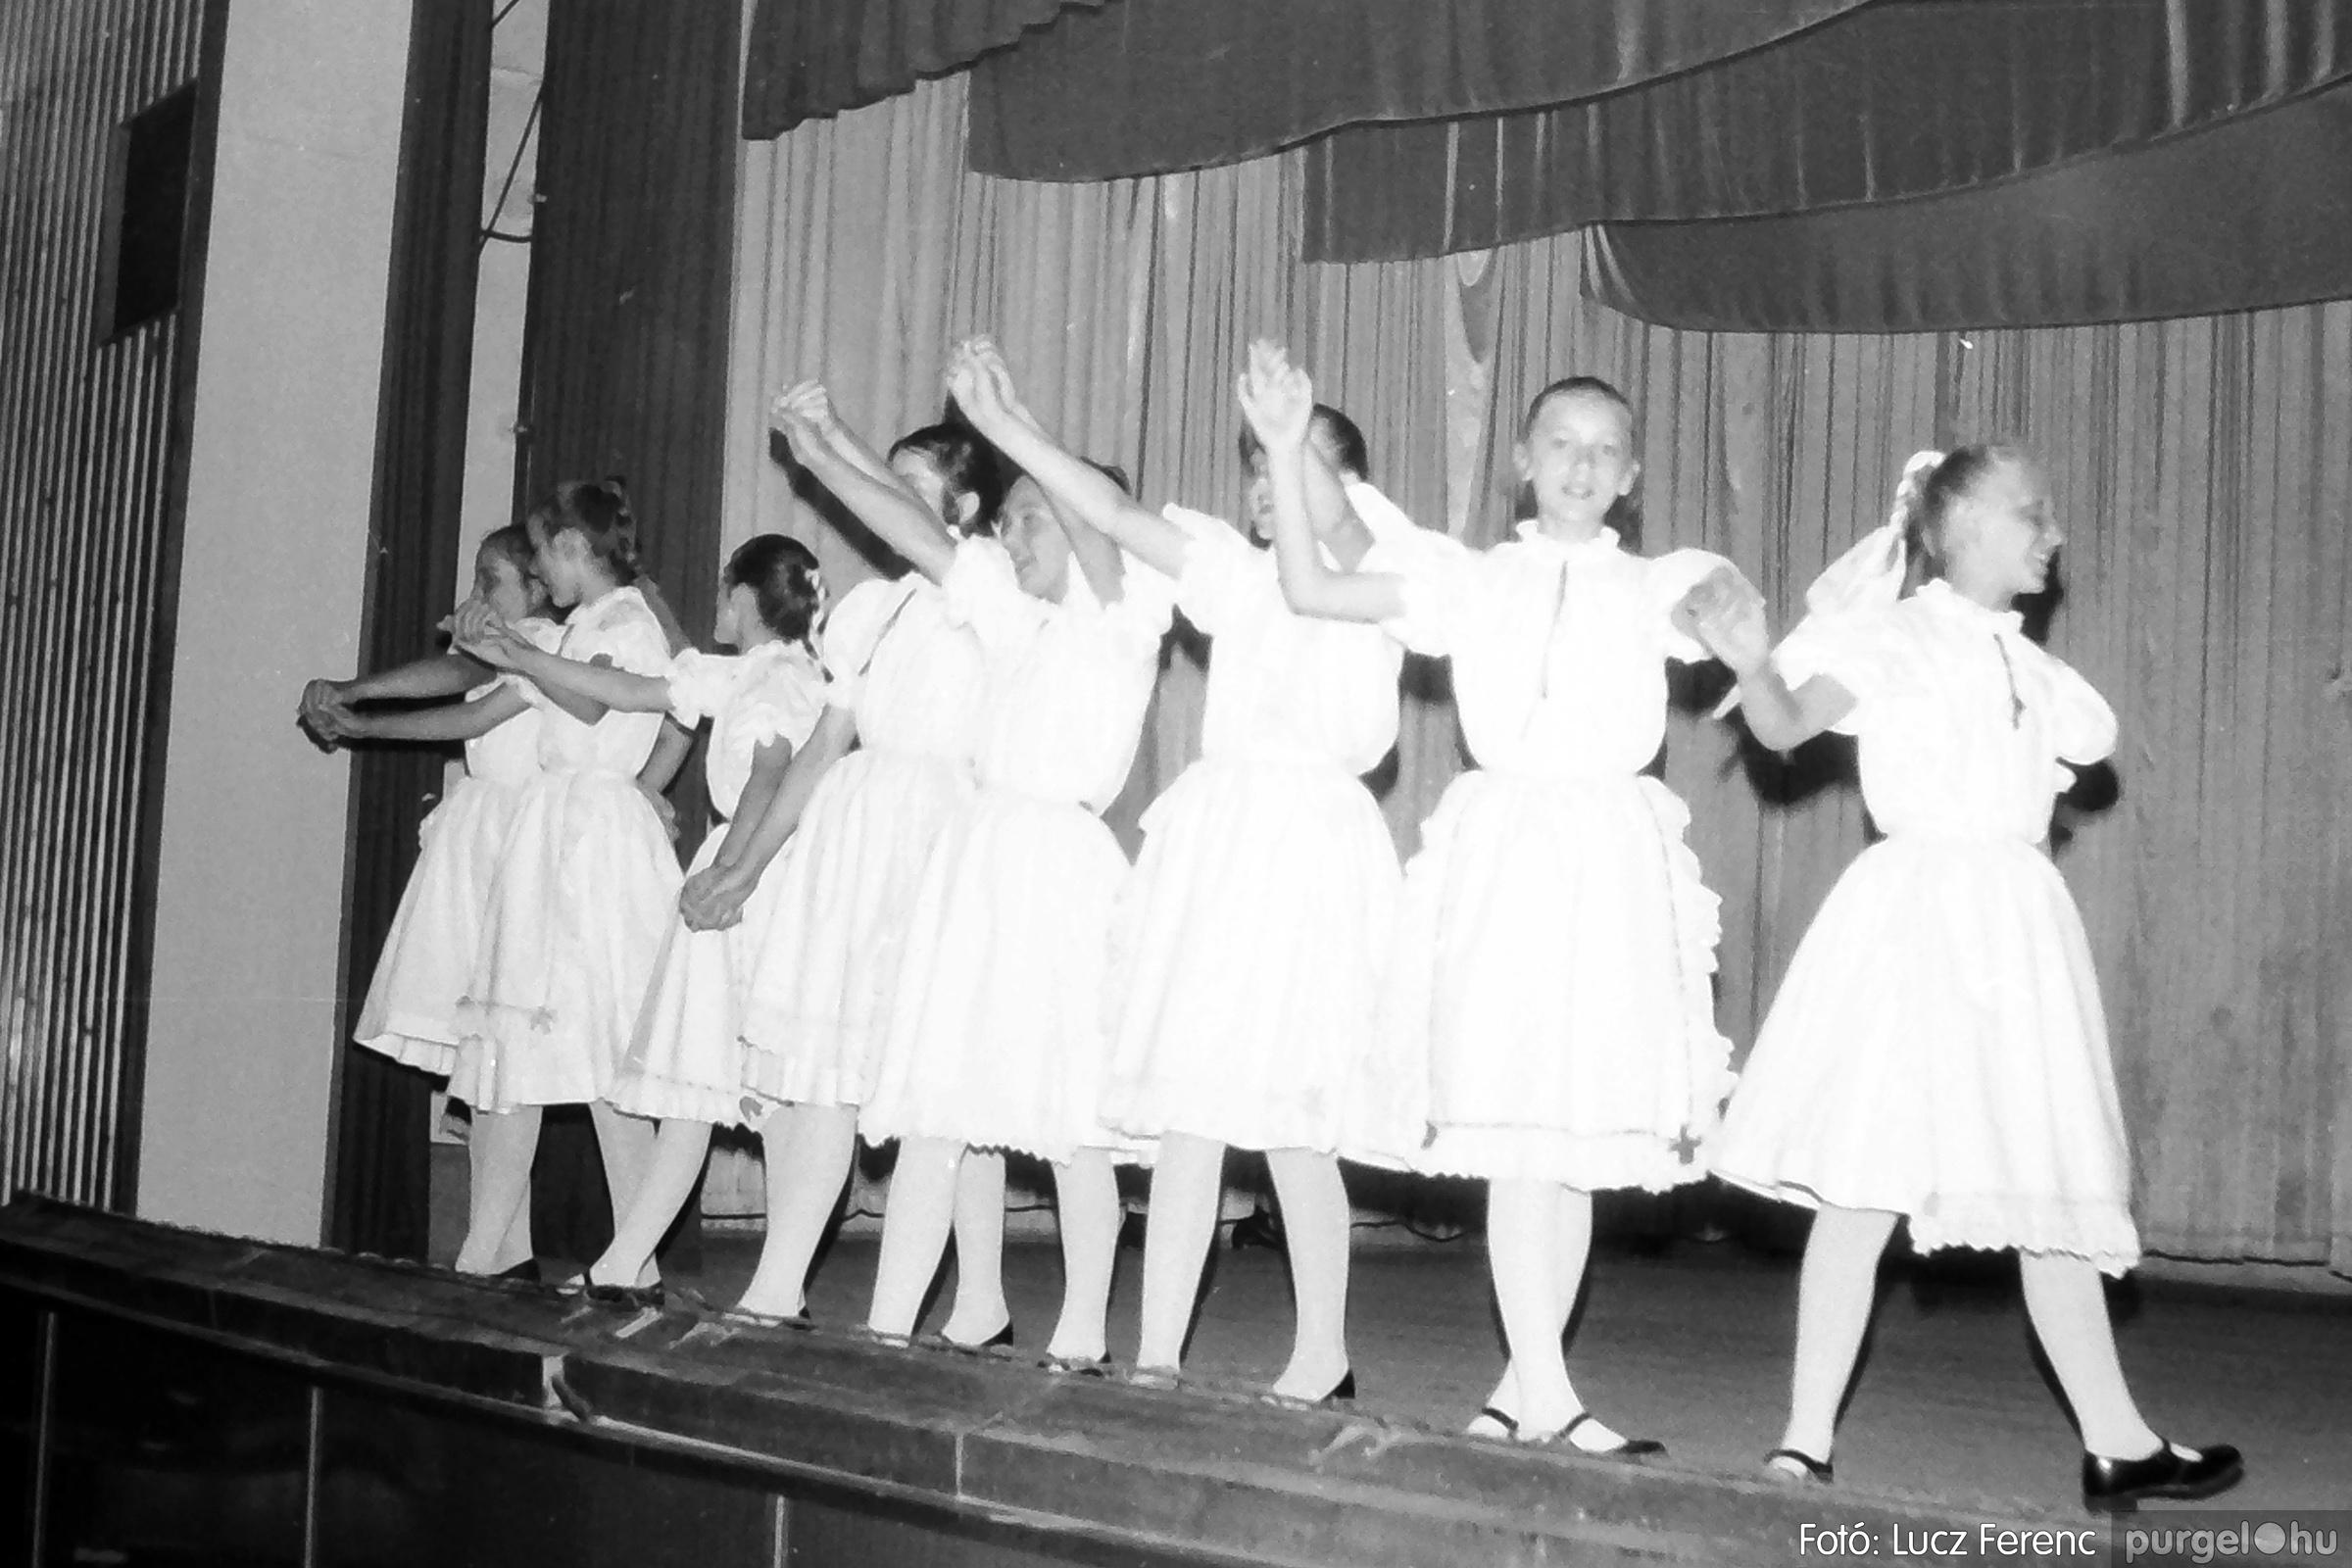 081. 1977. Néptáncosok fellépése a kultúrházban 007. - Fotó: Lucz Ferenc.jpg